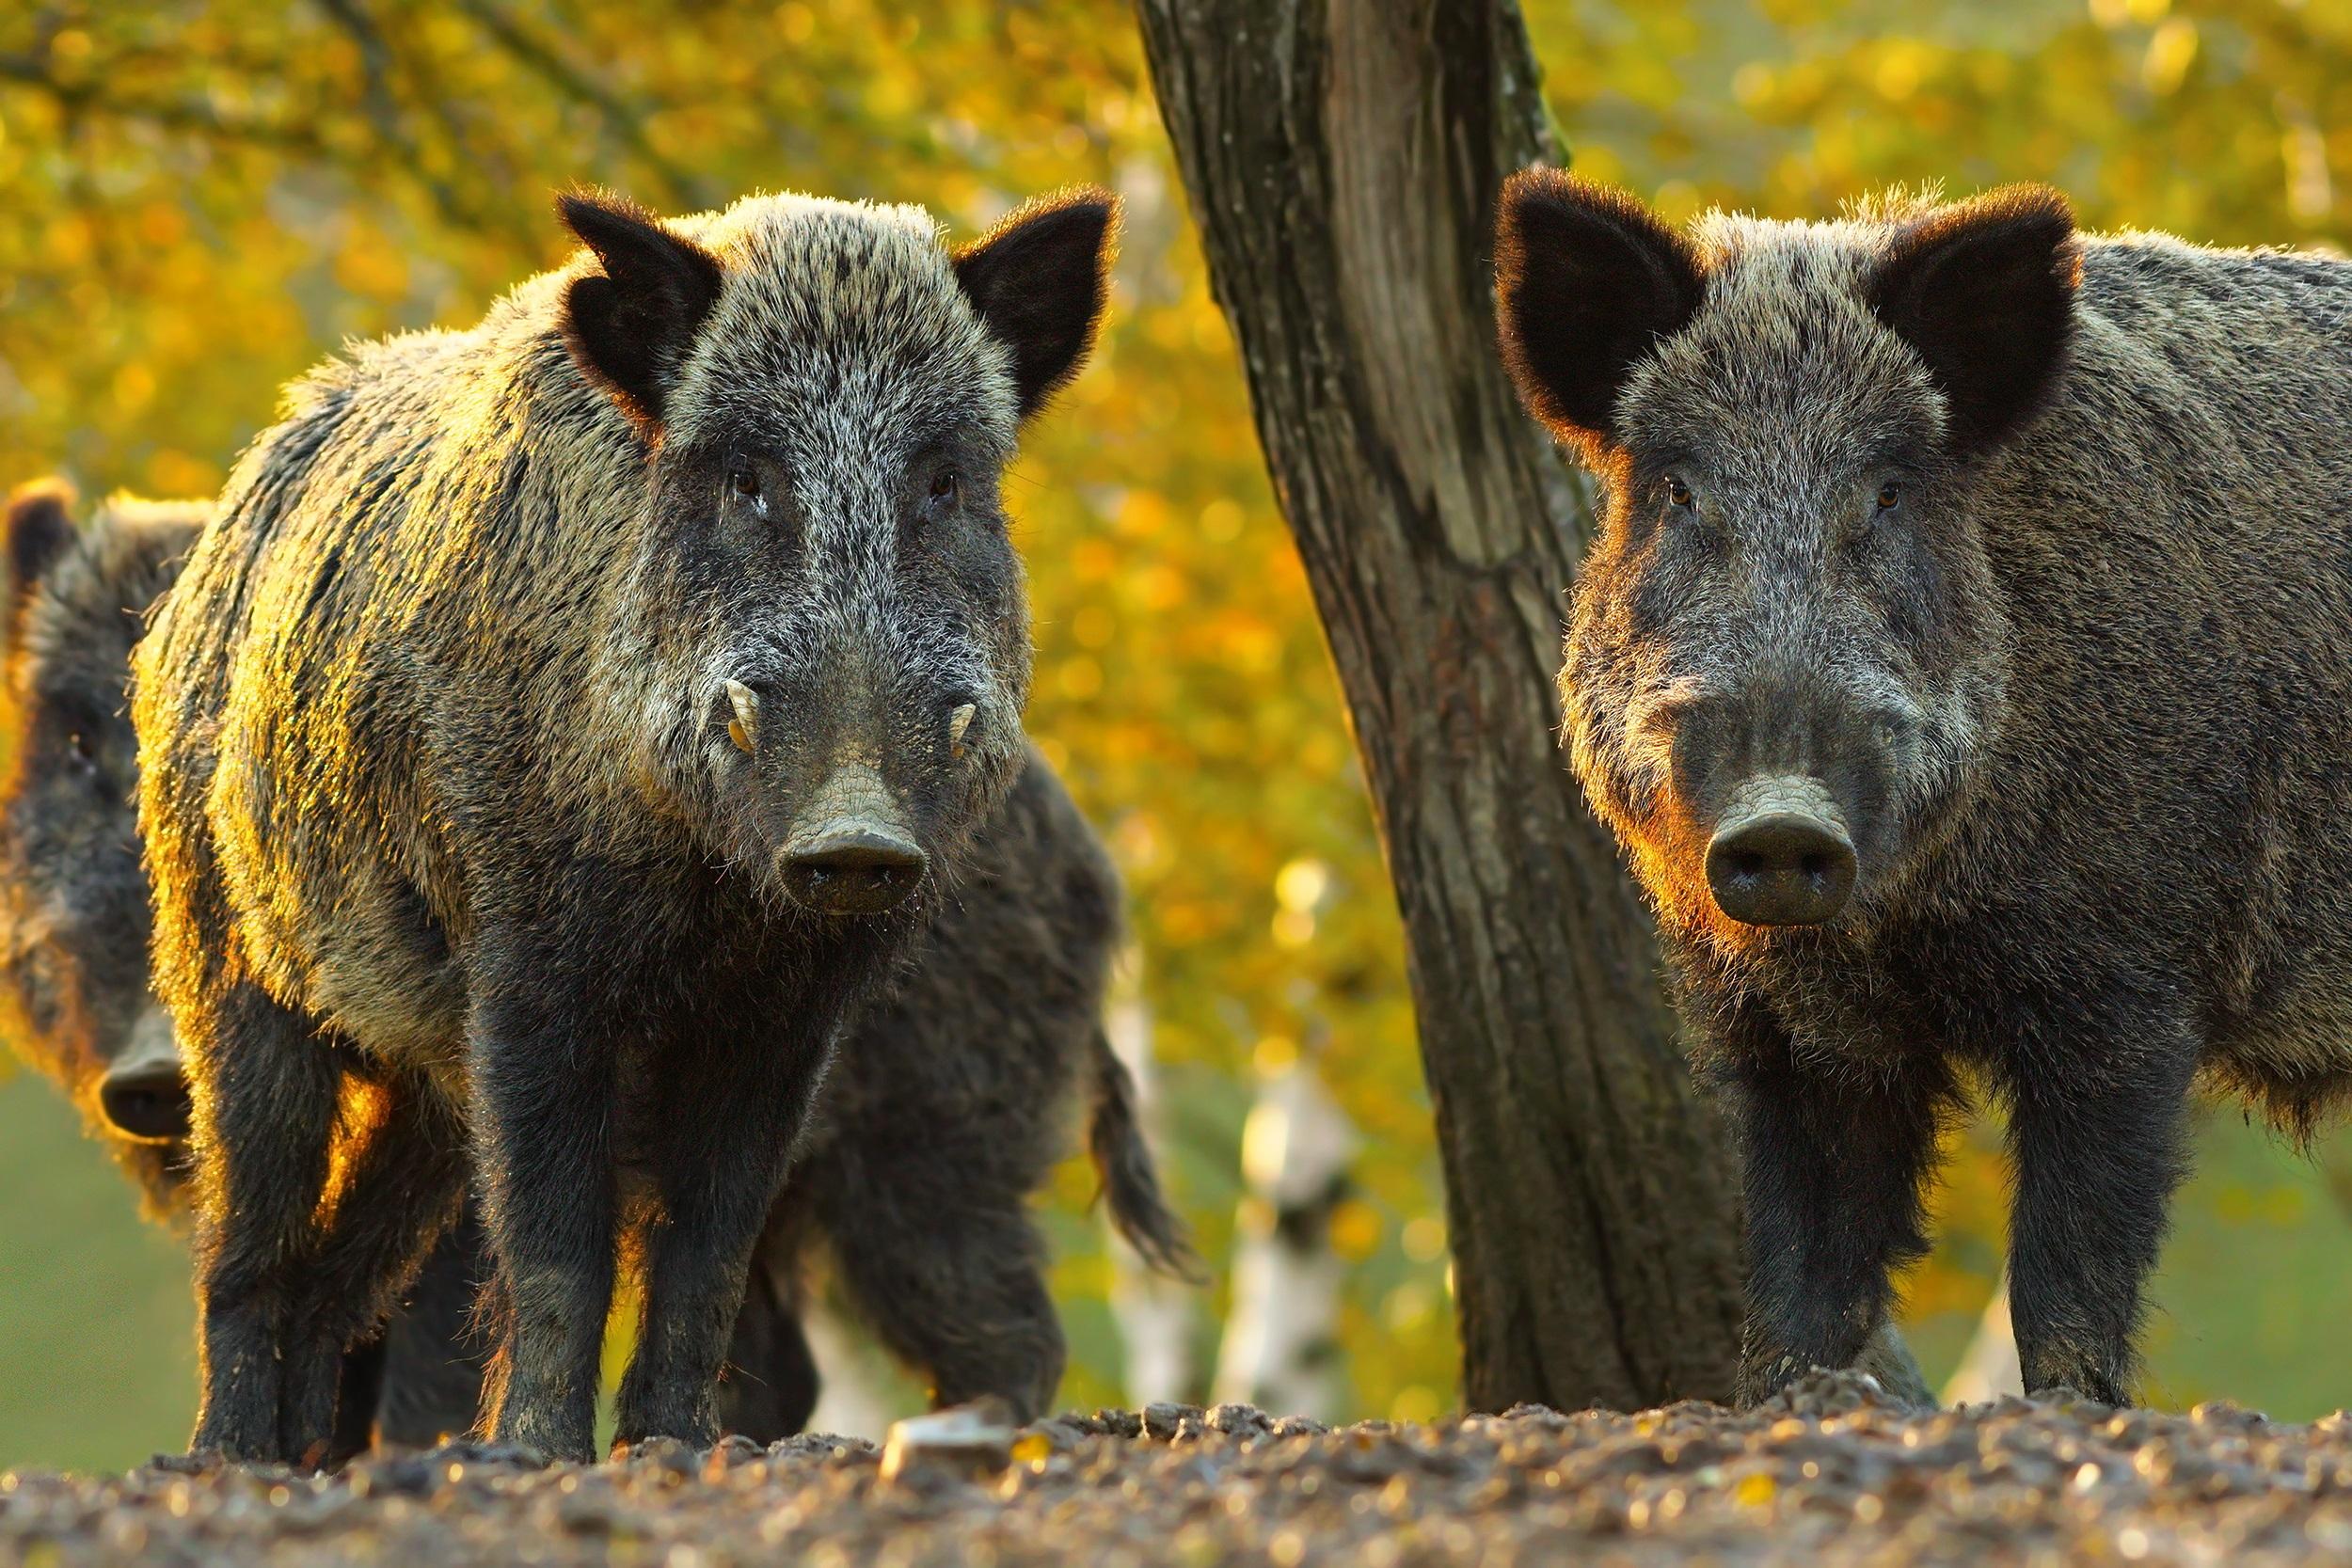 Дива свиня, Берлин<br /> <br /> Със своите яки тела, остри бивни и очарователни малки прасенца, дивите свине са лесно забележими. Ако стоите на централния търговски площад в Берлин Александерплац, ще бъде трудно да не ги забележите. Те процъфтяват в германската столица и са забелязвани да се разхождат из най-натоварените места в огромния град. Популацията им в момента наброява 3000 екземпляра, като има още две изолирани популации в градските гори.